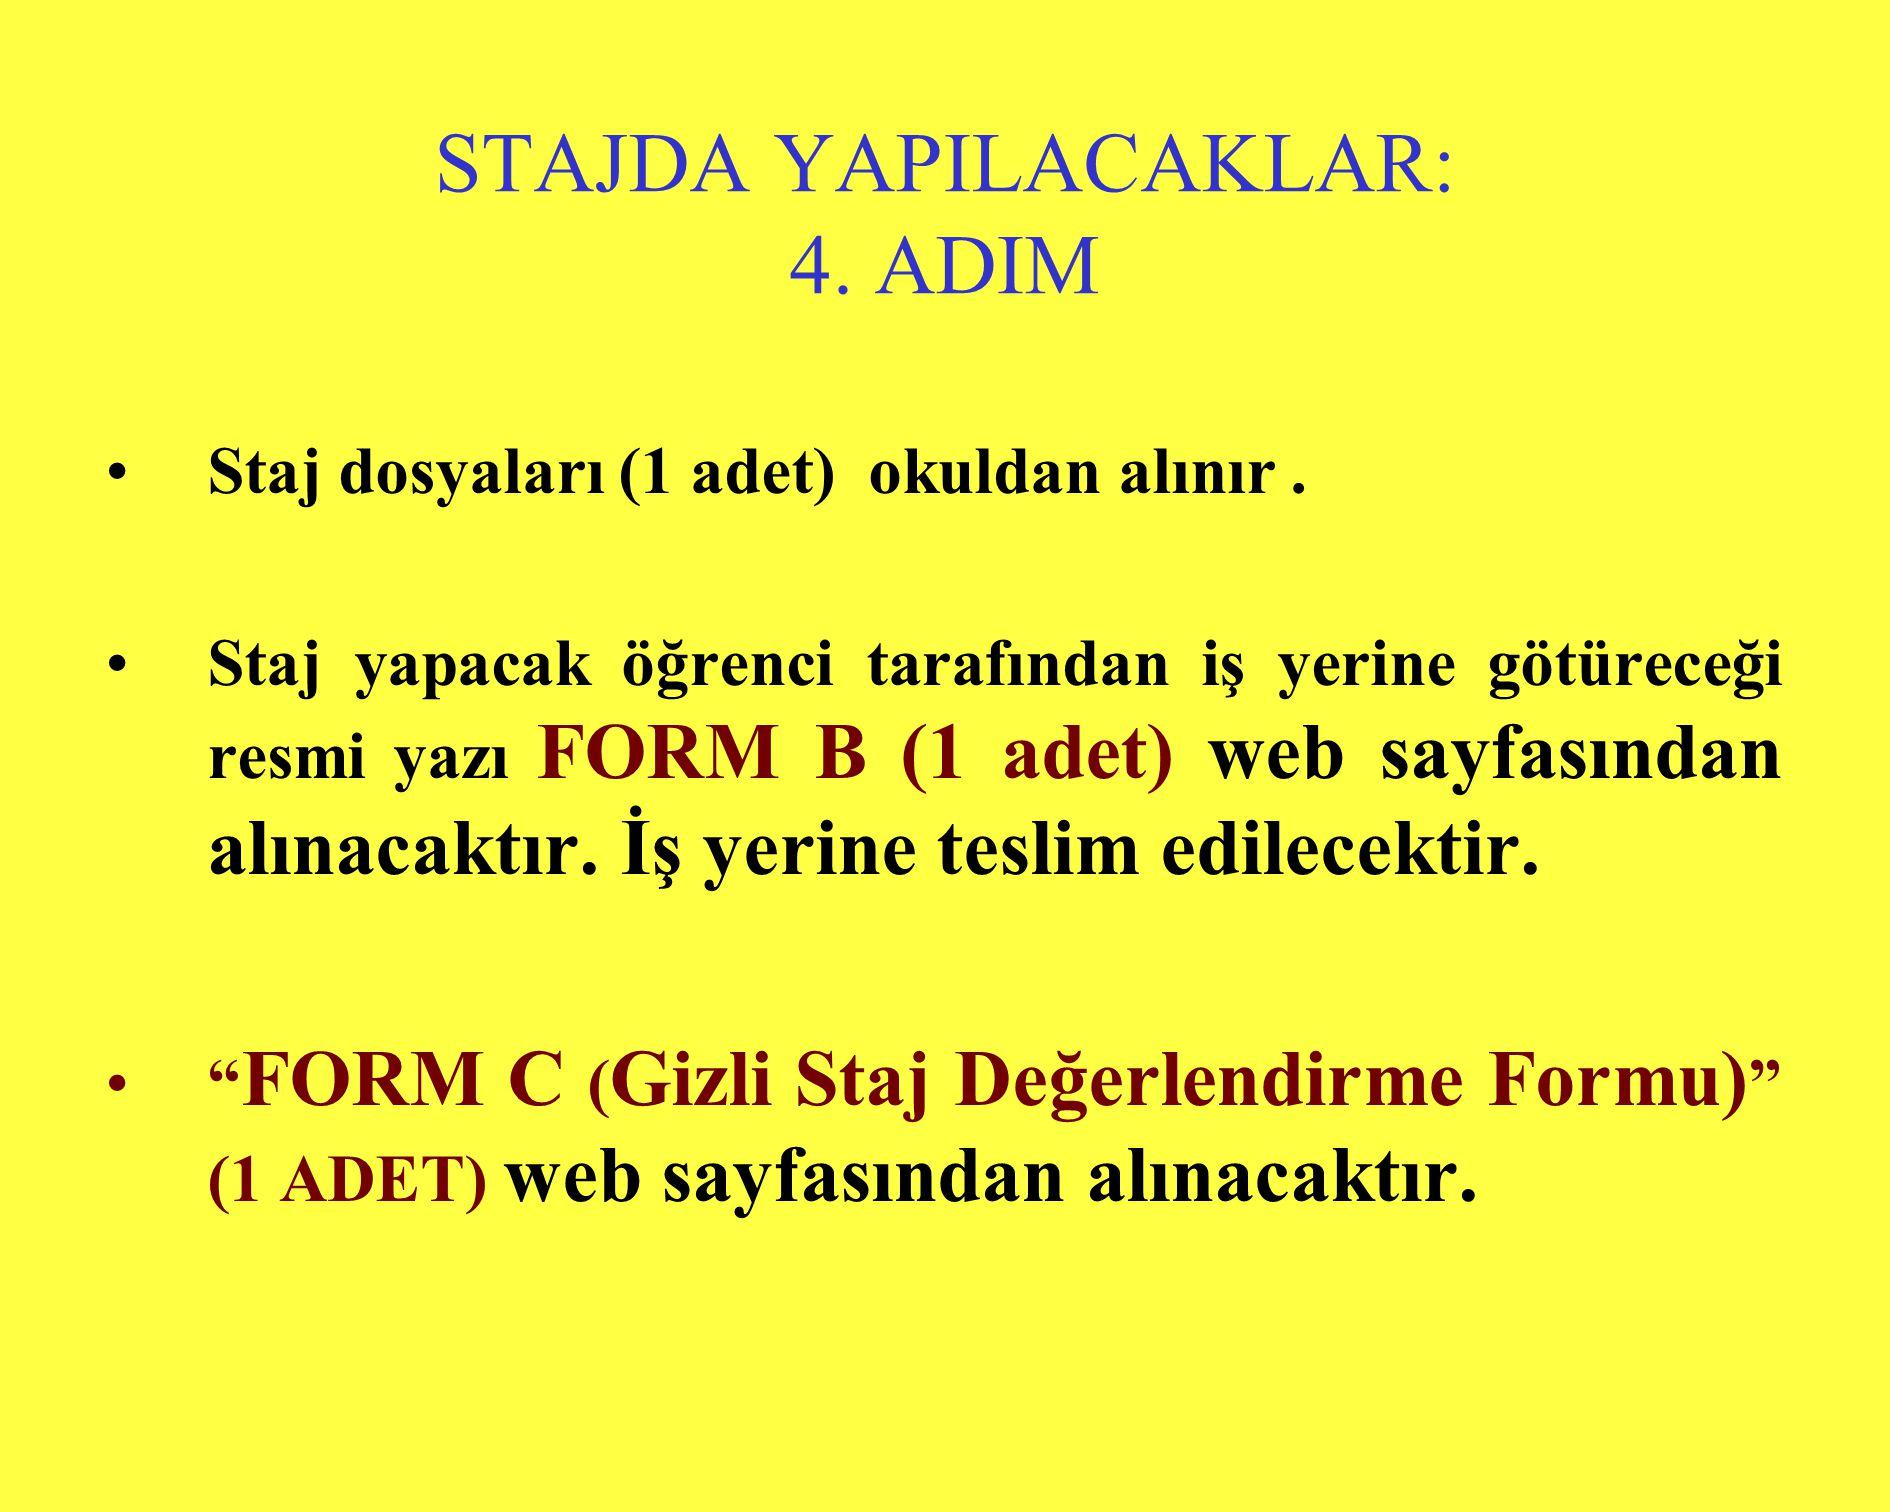 STAJDA YAPILACAKLAR: 4. ADIM •Staj dosyaları (1 adet) okuldan alınır. •Staj yapacak öğrenci tarafından iş yerine götüreceği resmi yazı FORM B (1 adet)